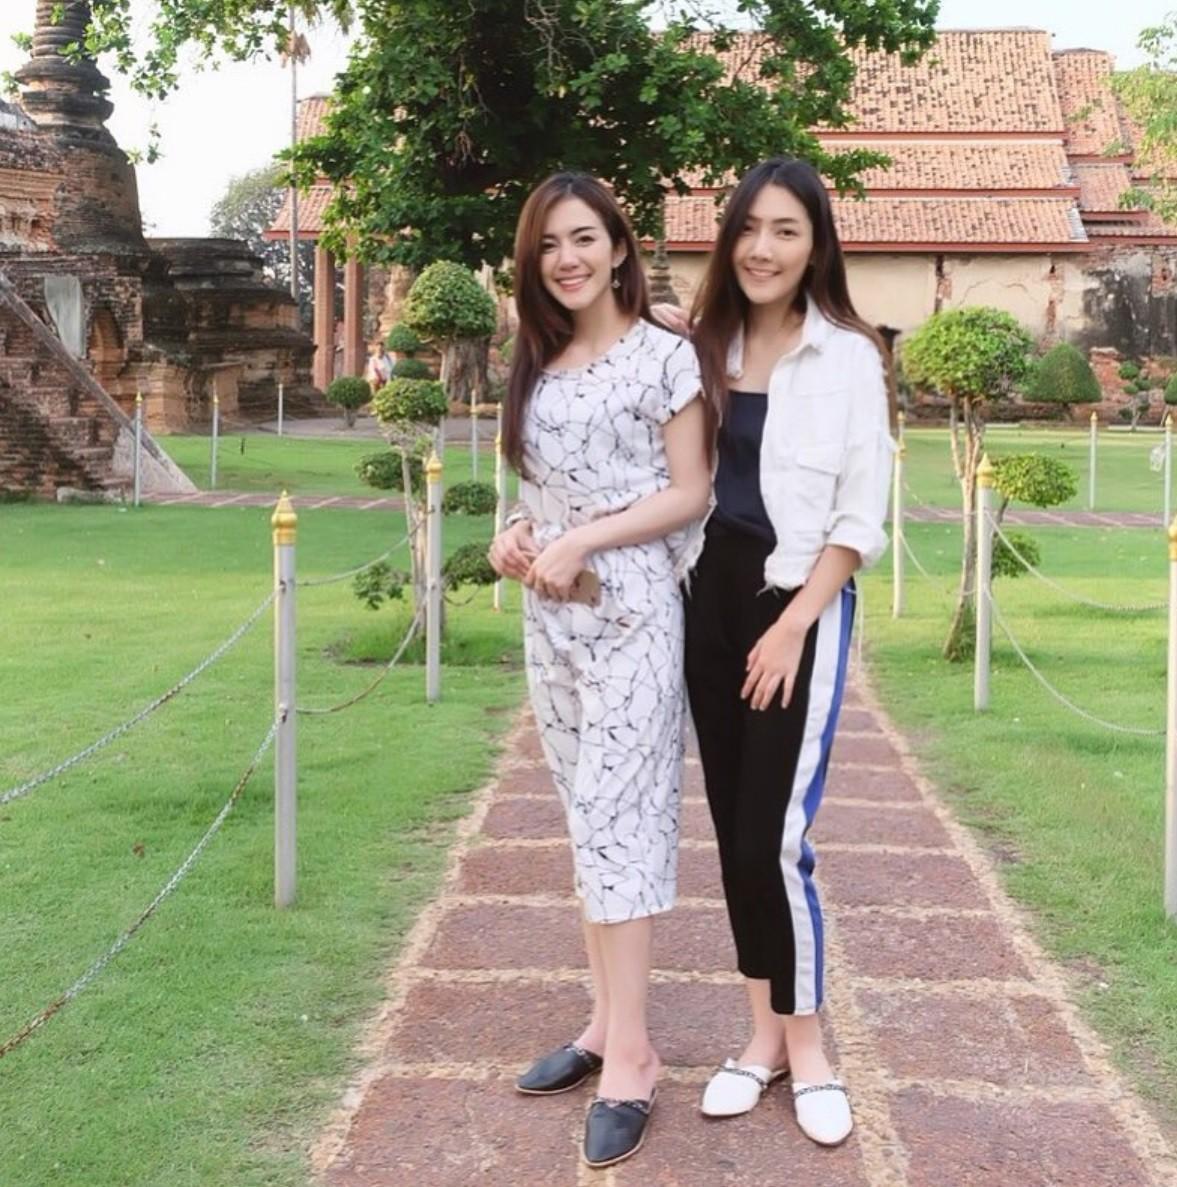 Cặp đồng tính nữ Thái Lan chưa bao giờ hết hot vì đã đẹp là phải đẹp cả đôi - Ảnh 7.